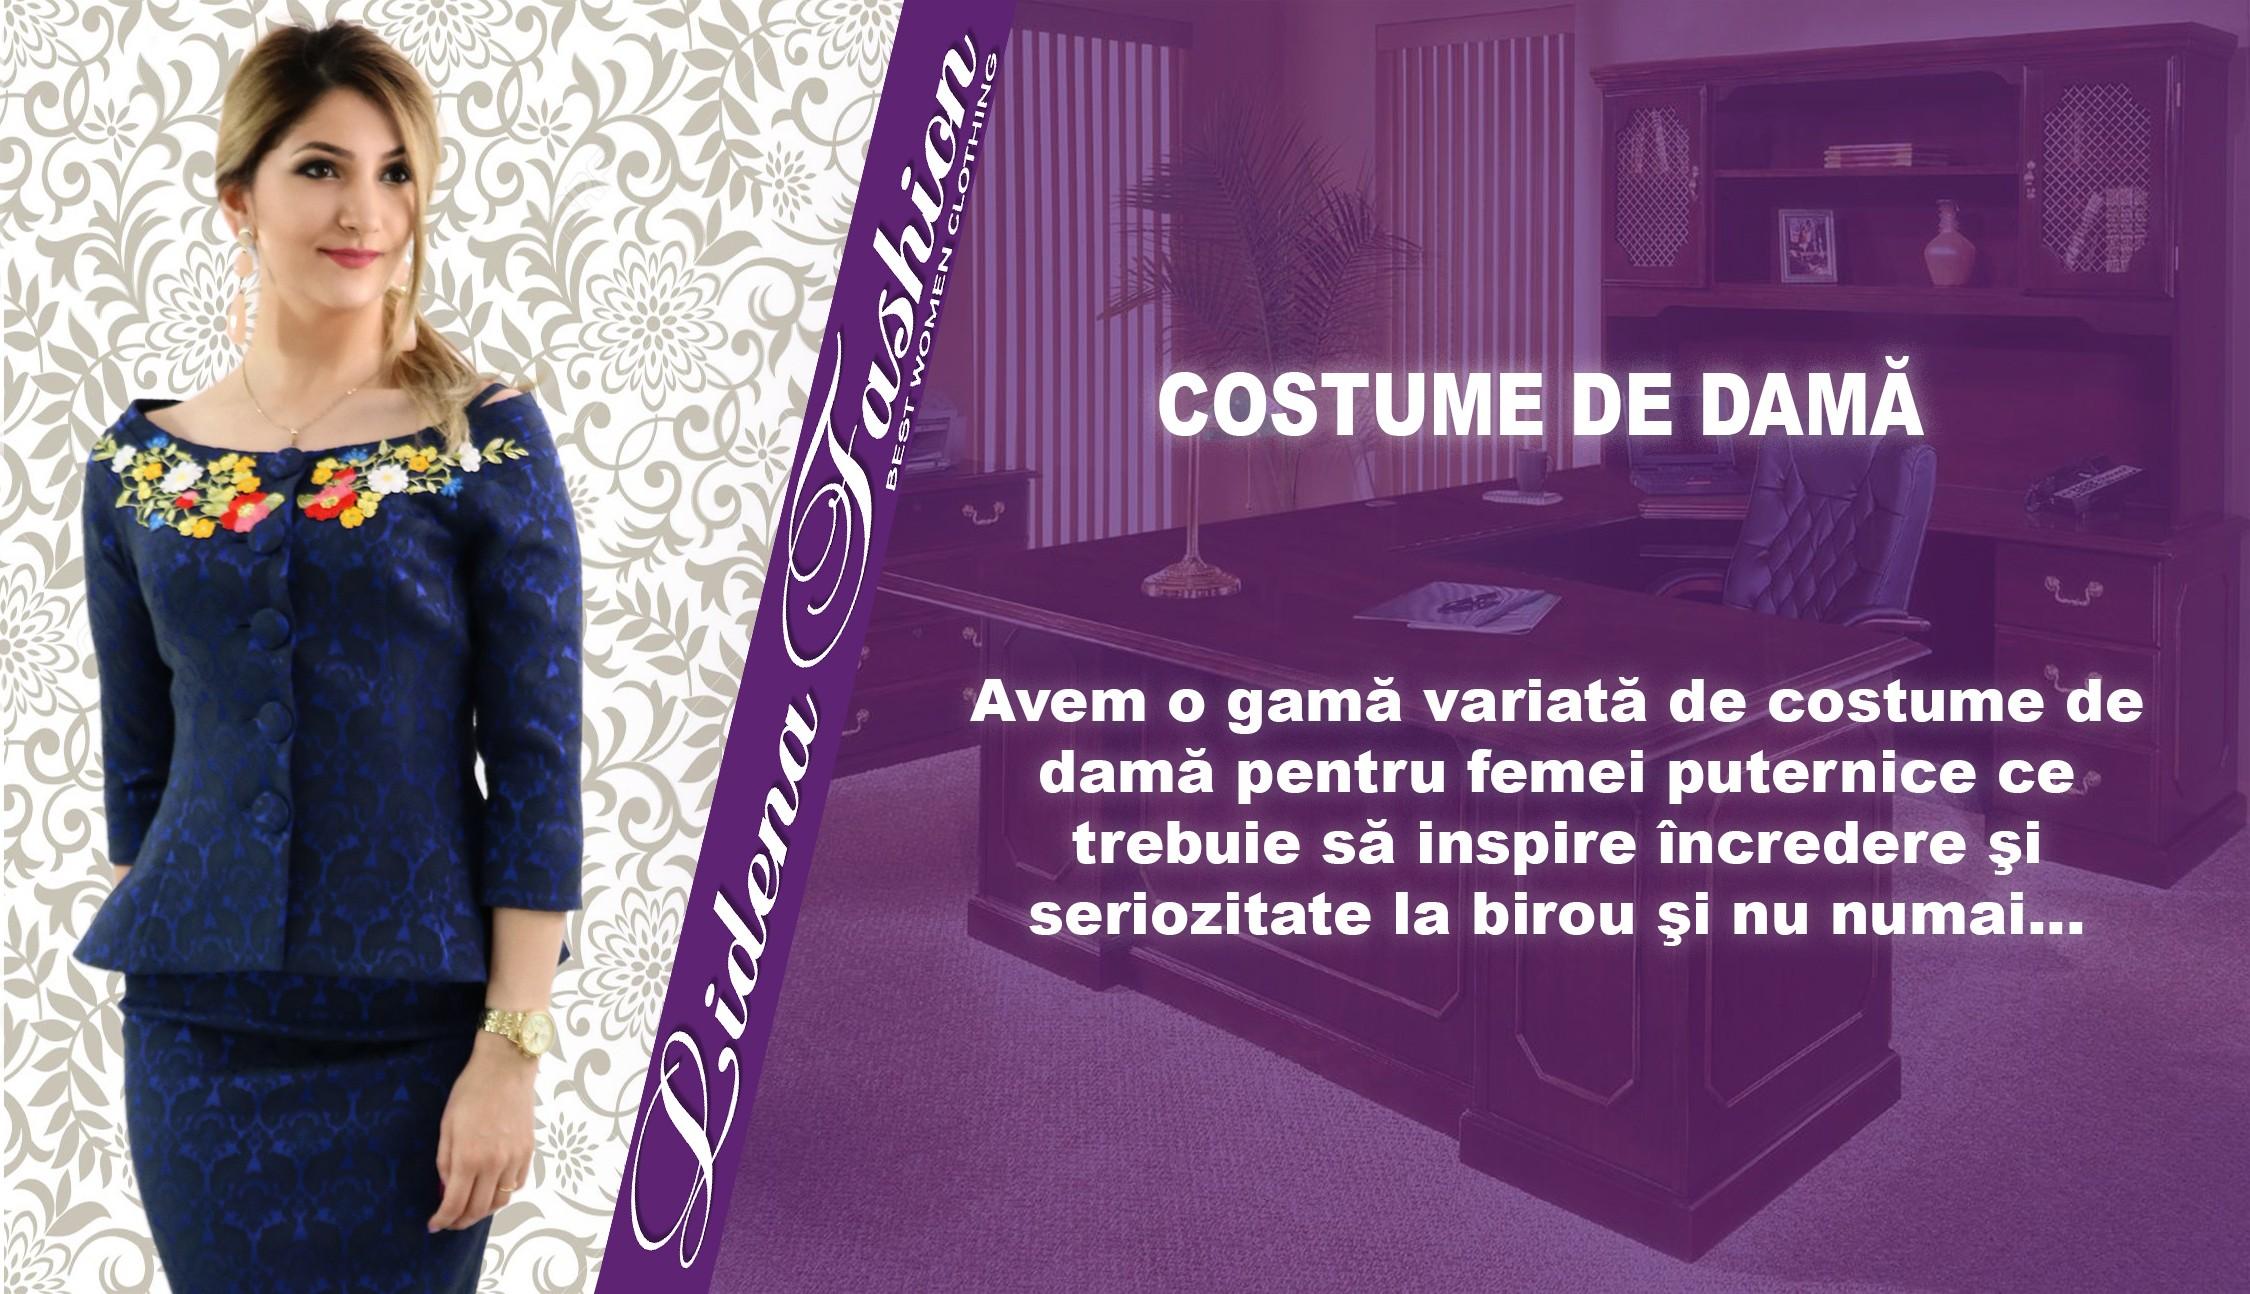 Costume de dama